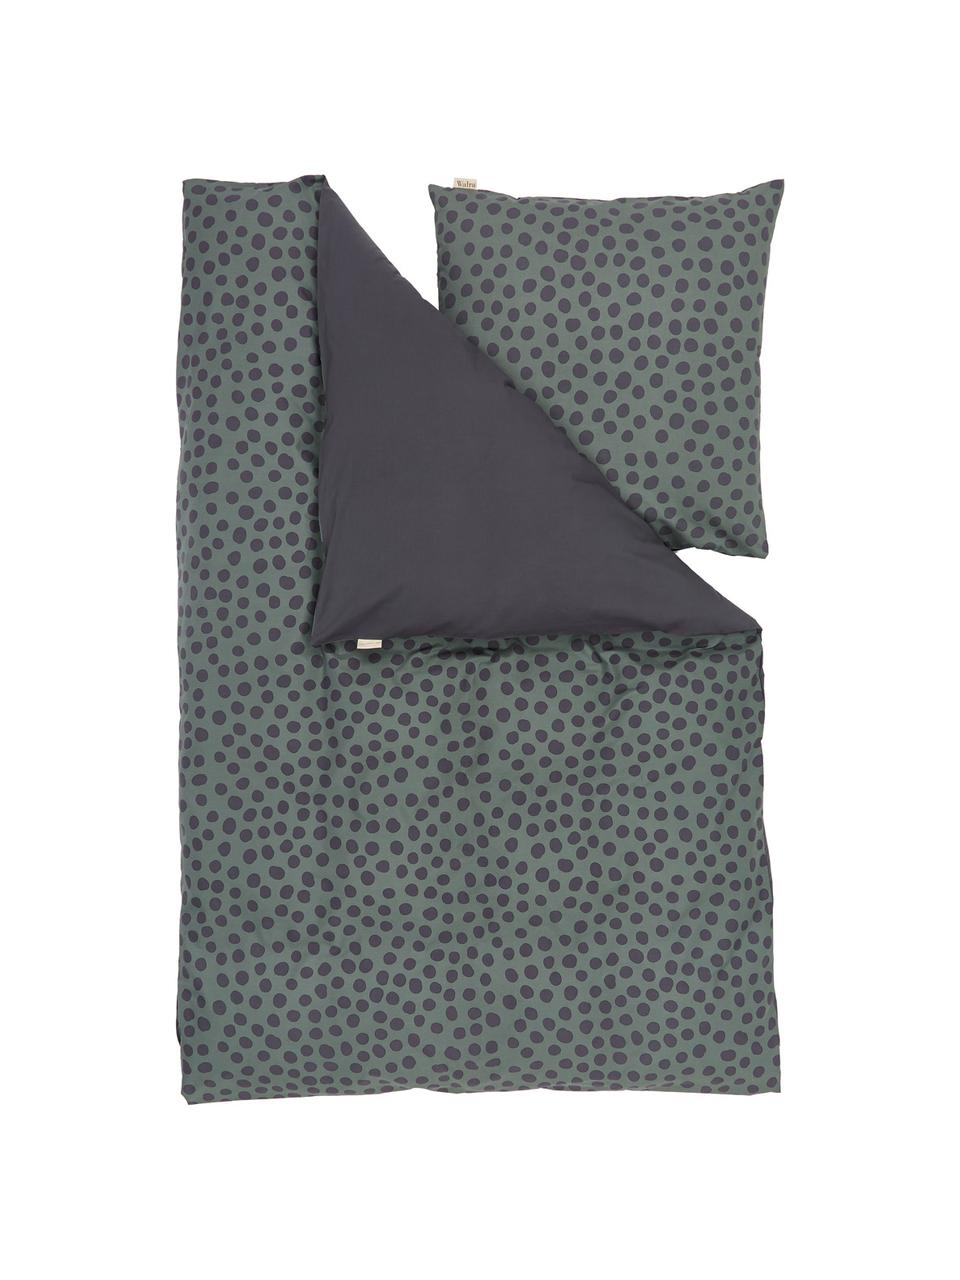 Baumwoll-Bettwäsche Spots and Dots, Webart: Renforcé Renforcé besteht, Dunkelgrün, Schwarz, 155 x 220 cm + 1 Kissen 80 x 80 cm